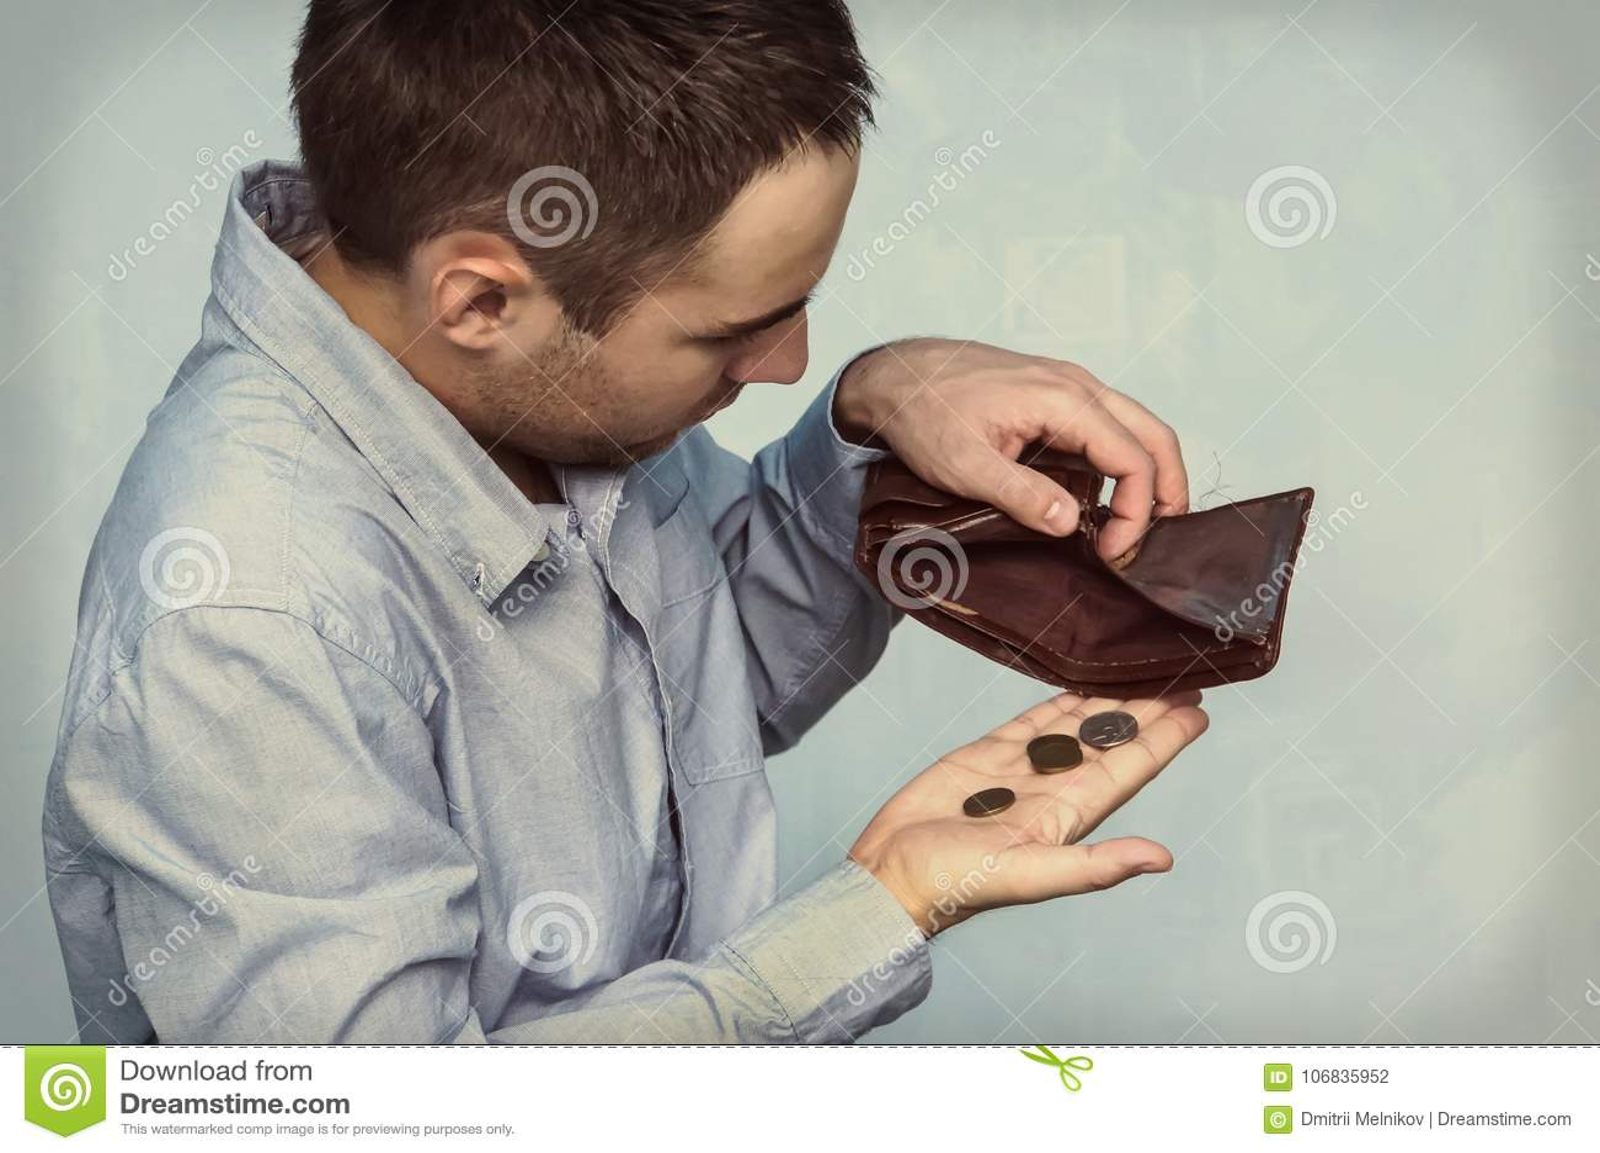 Mynt och en tom plånbok